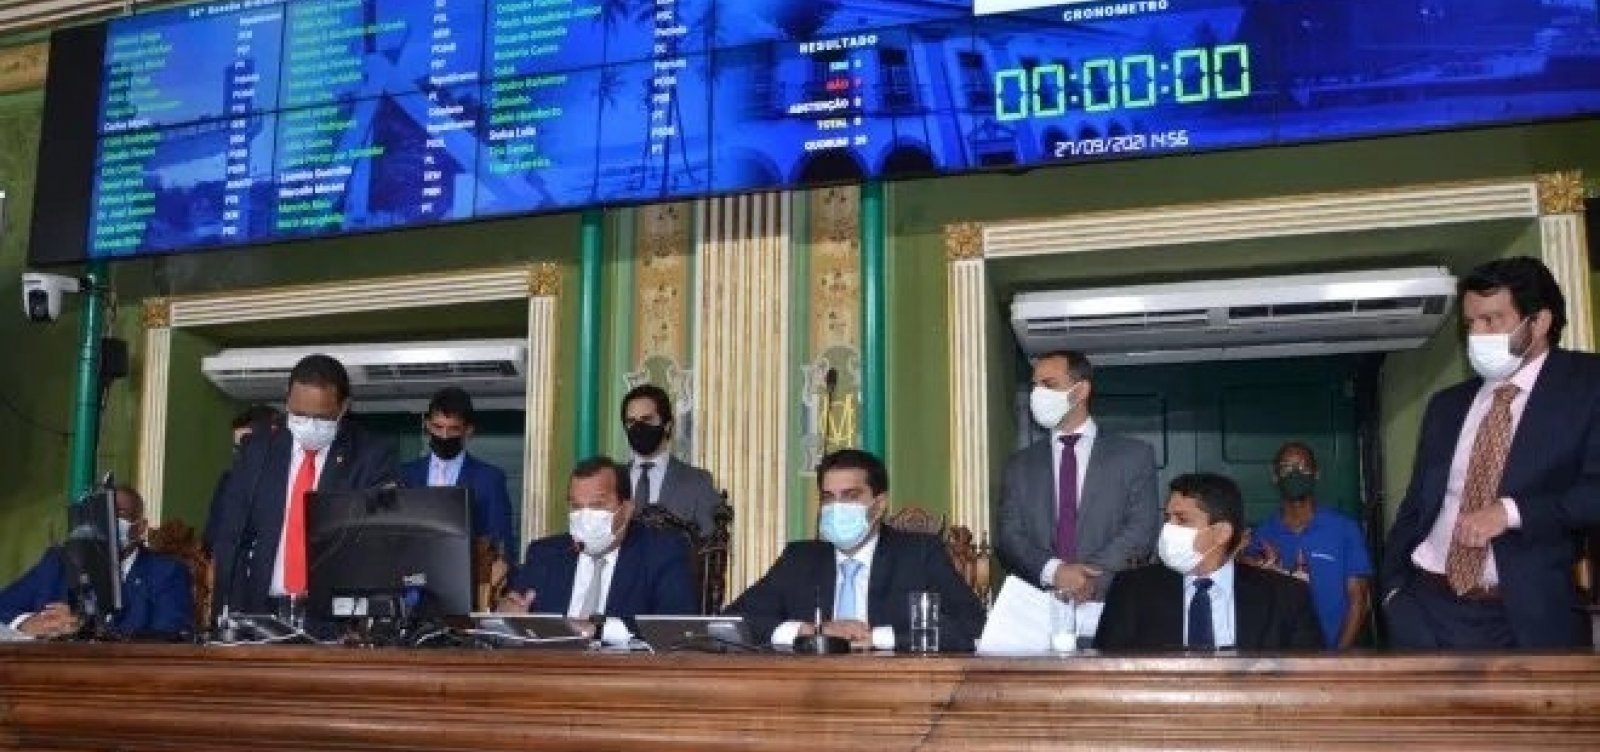 Aprovado na Câmara de Vereadores, Procultura incentivará setores de eventos e turismo na capital